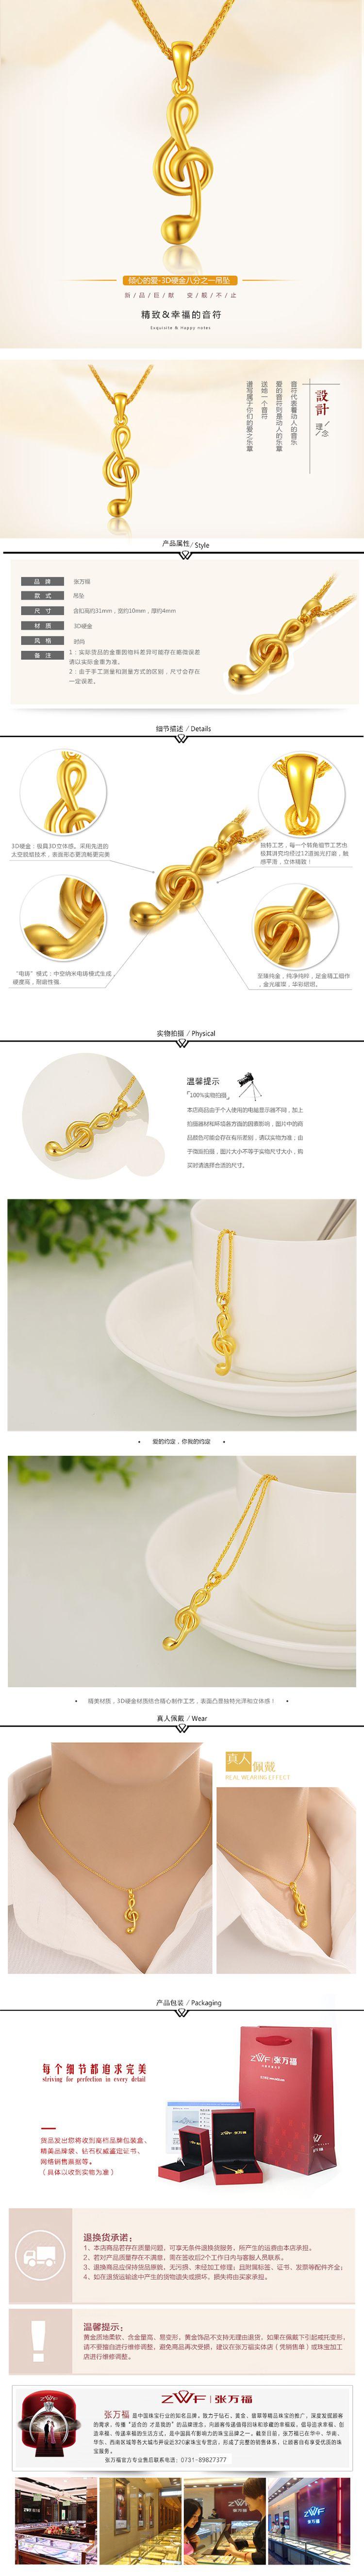 张万福 音符系列 3d硬金高音吊坠